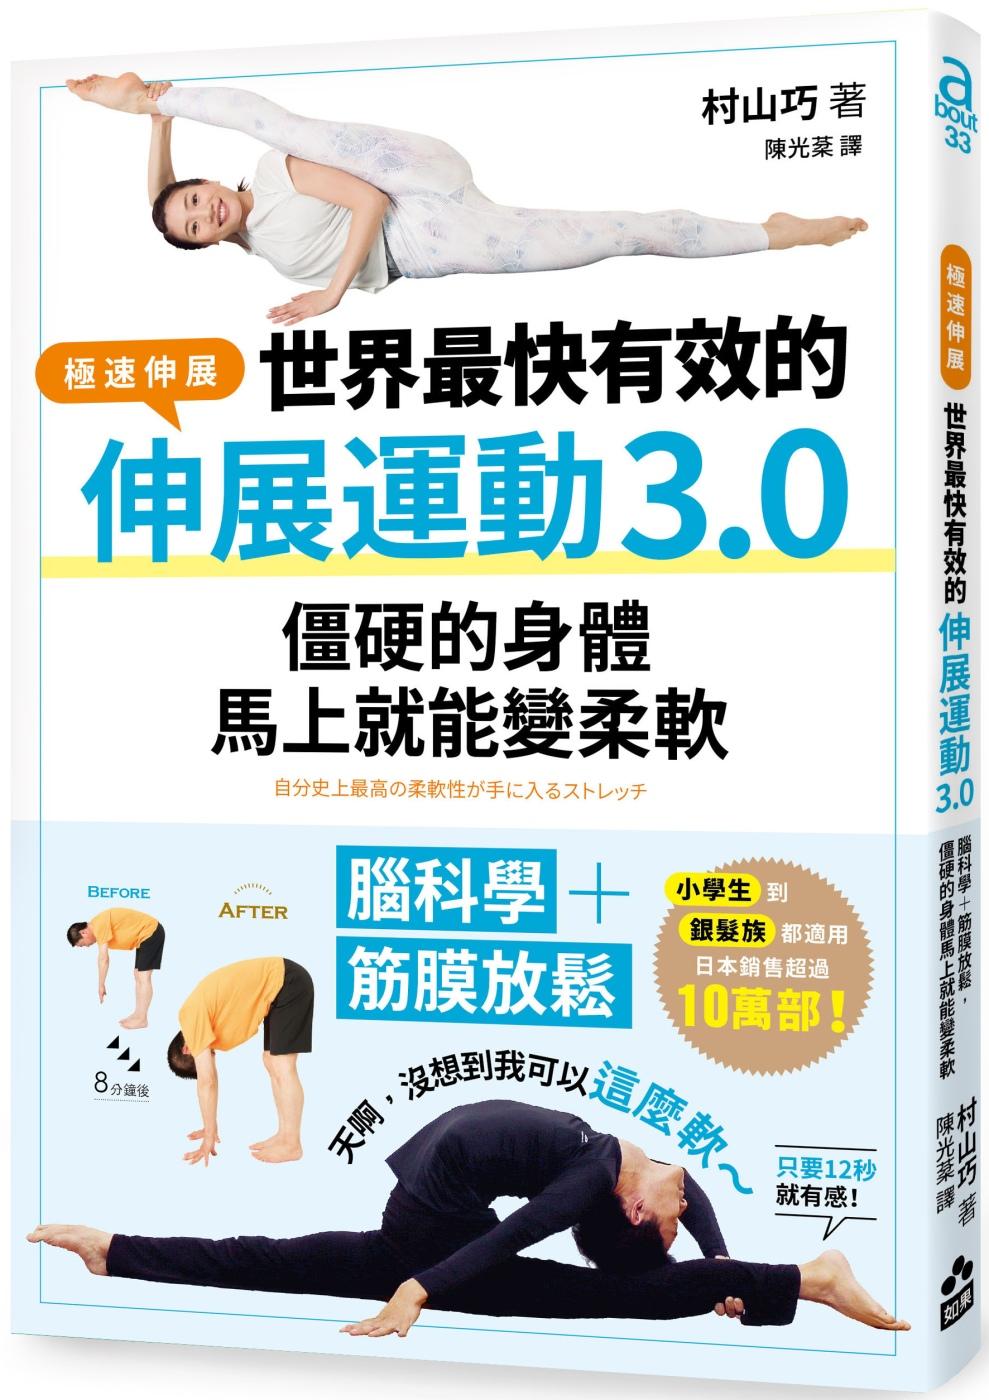 世界最快有效的伸展運動3.0:腦科學+筋膜放鬆,僵硬的身體馬上就能變柔軟